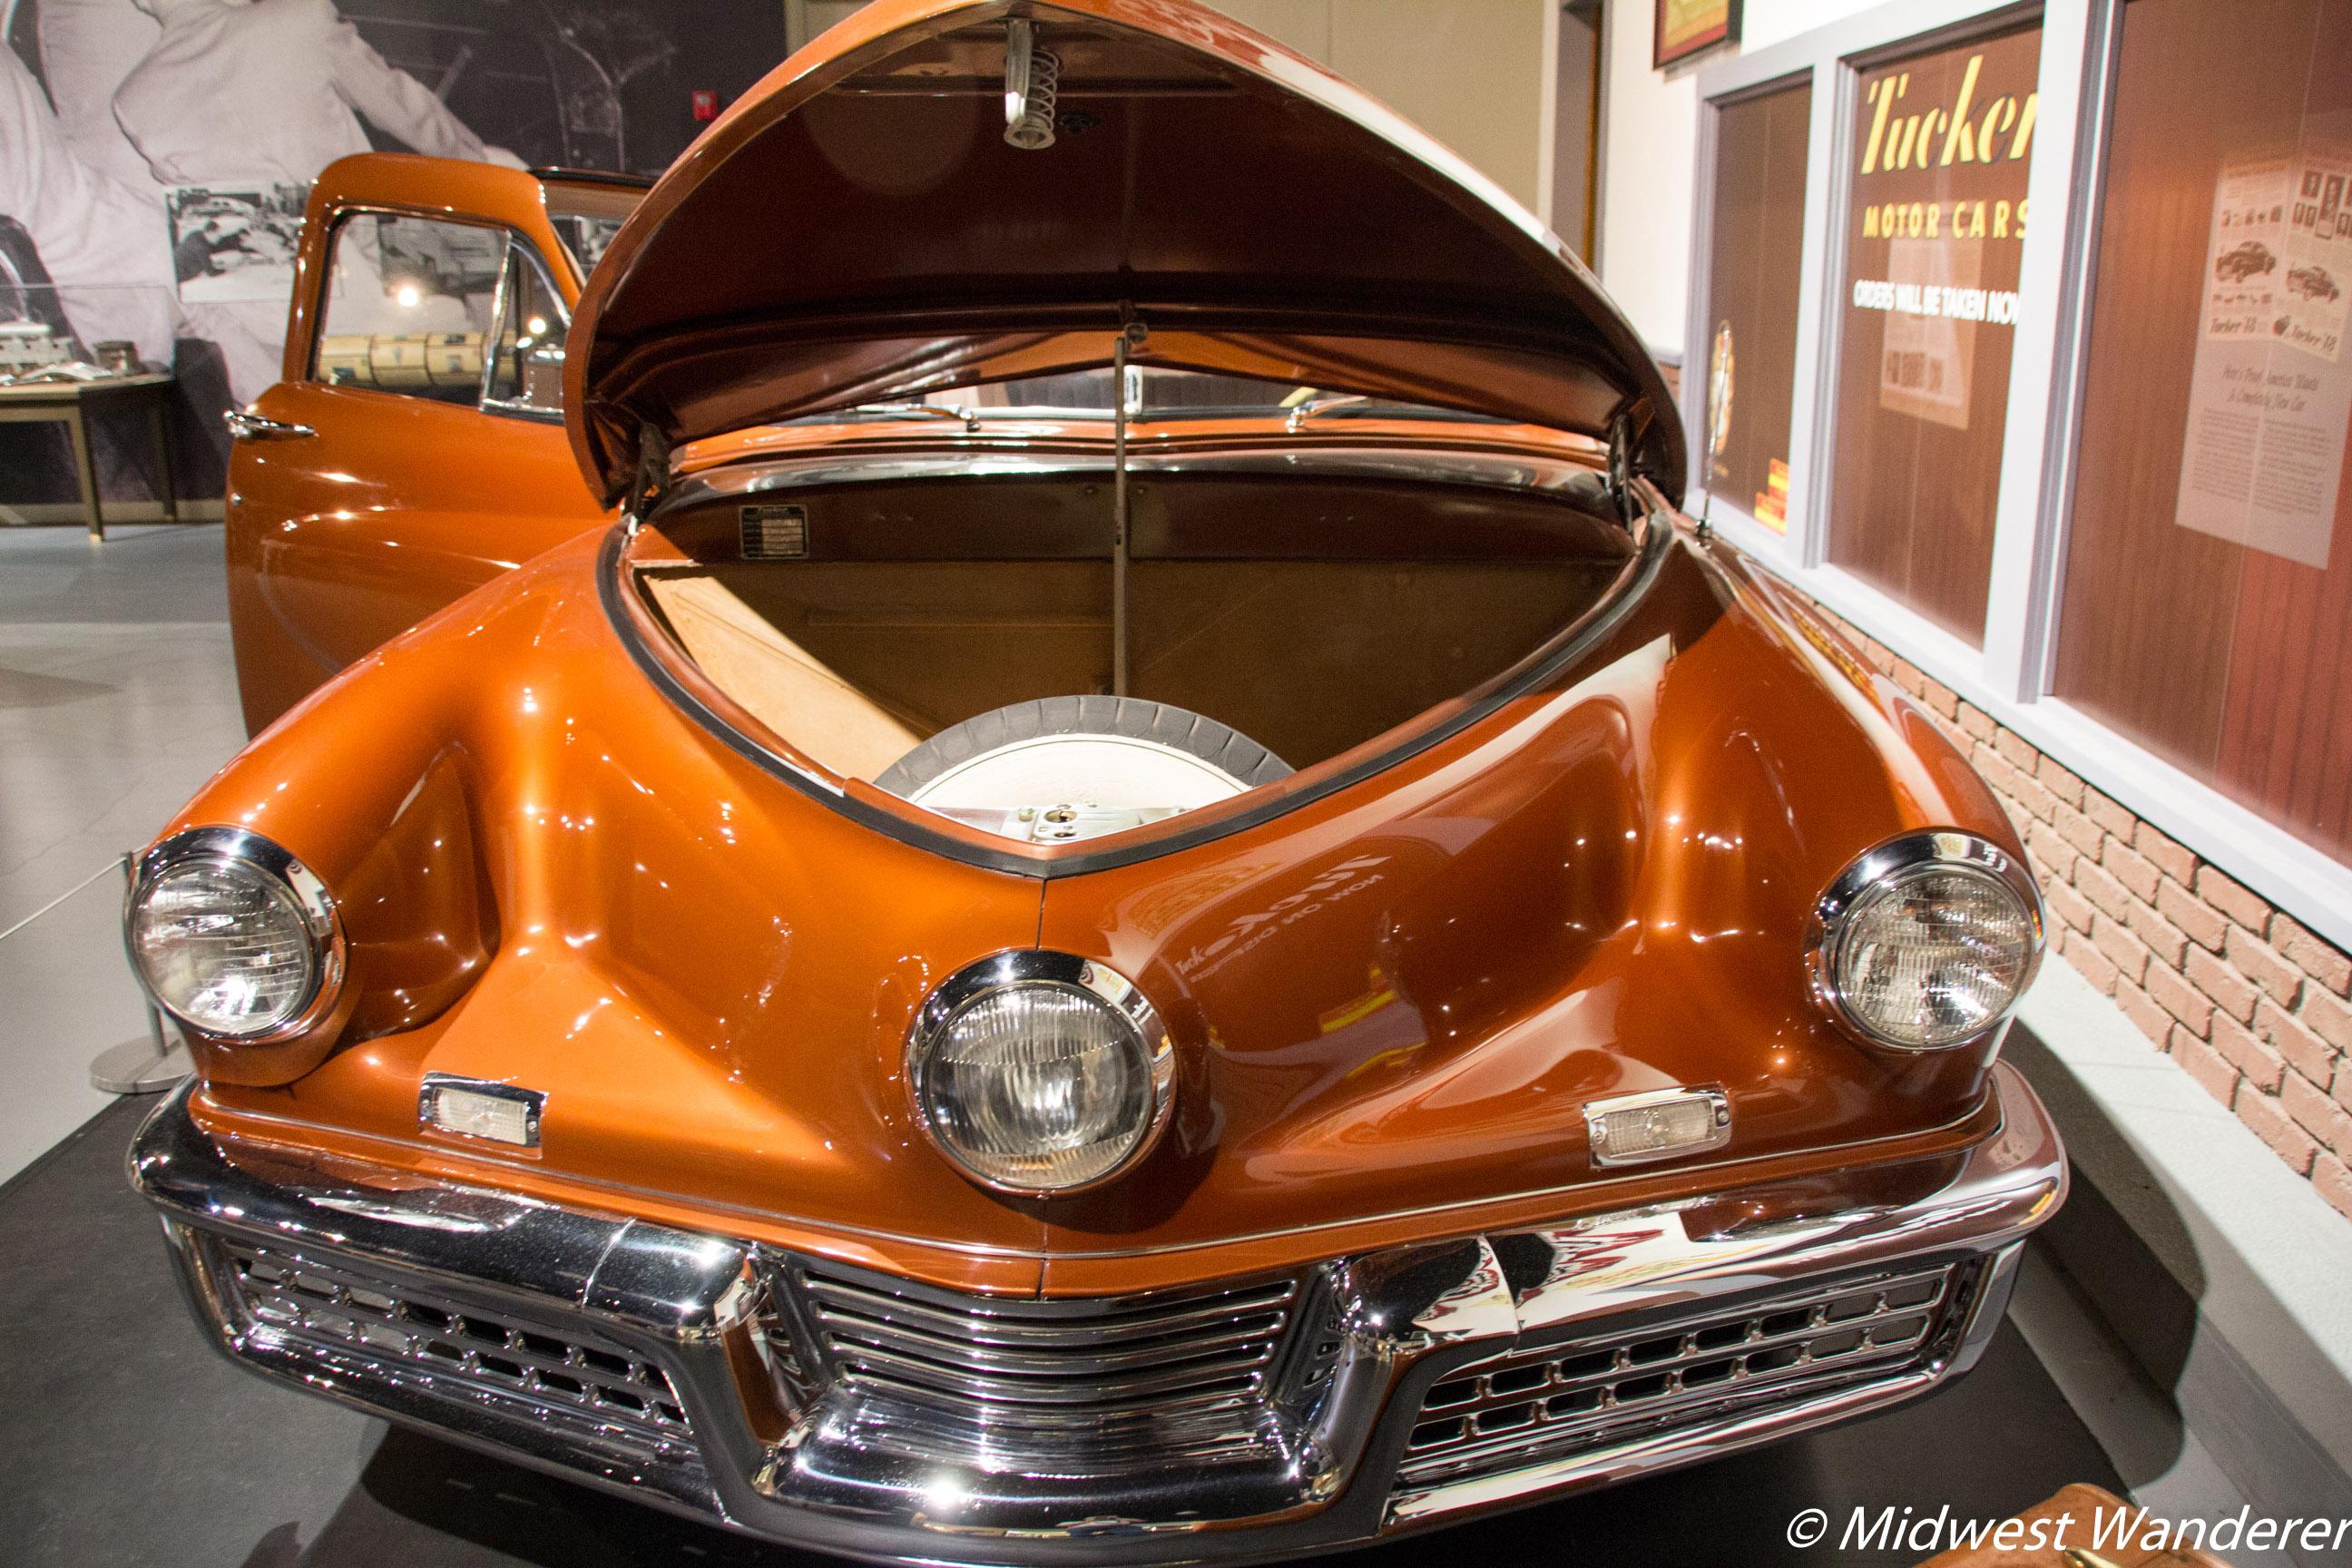 1948 Tucker #1026 Trunk